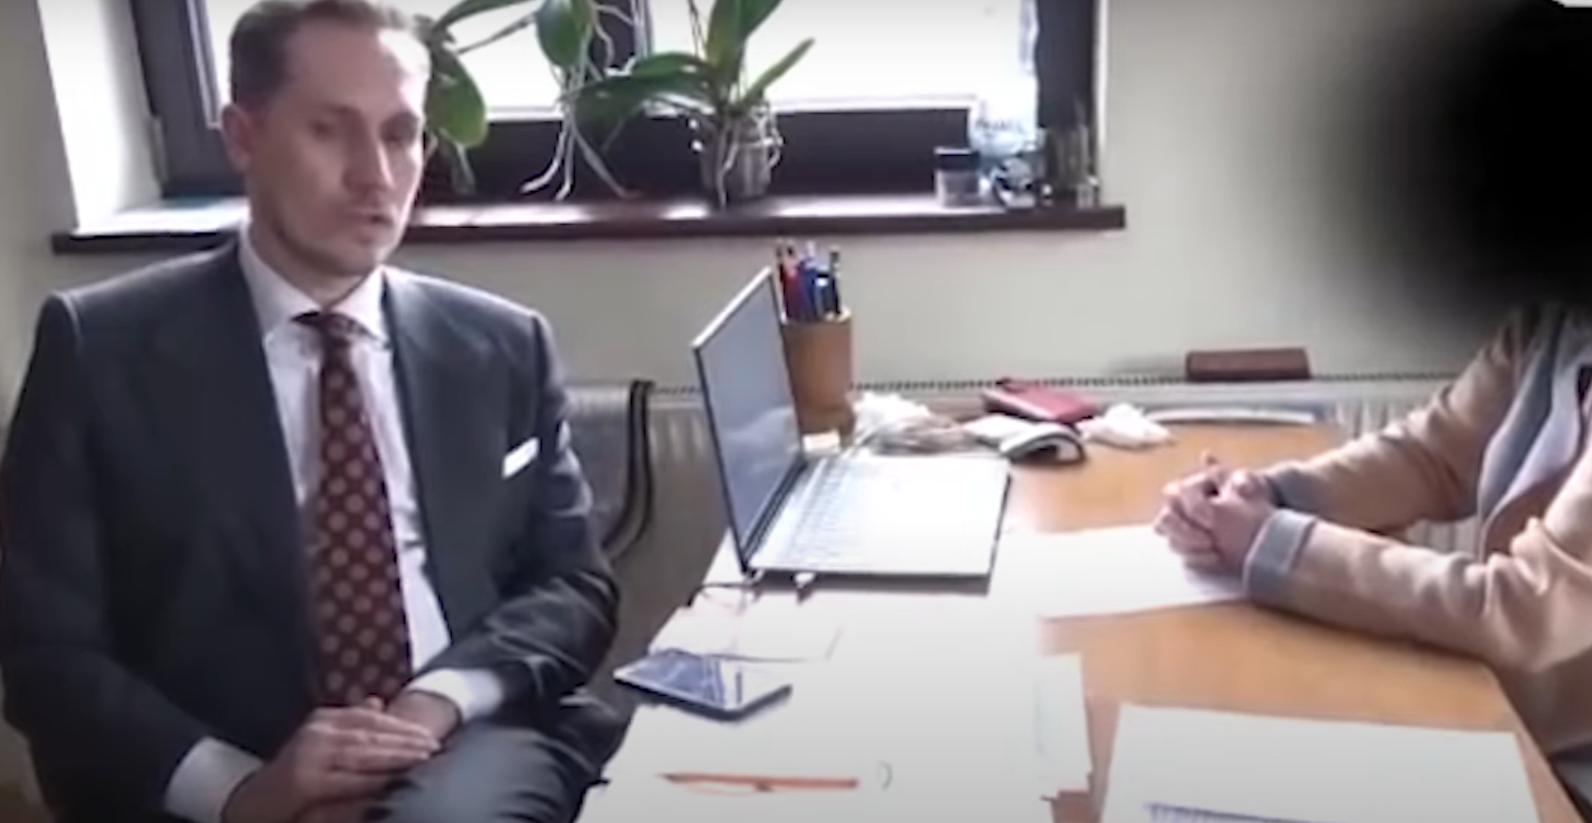 Poseł Berkowicz spytał sanepid, dlaczego nęka przedsiębiorców. Odpowiedź powala [video]